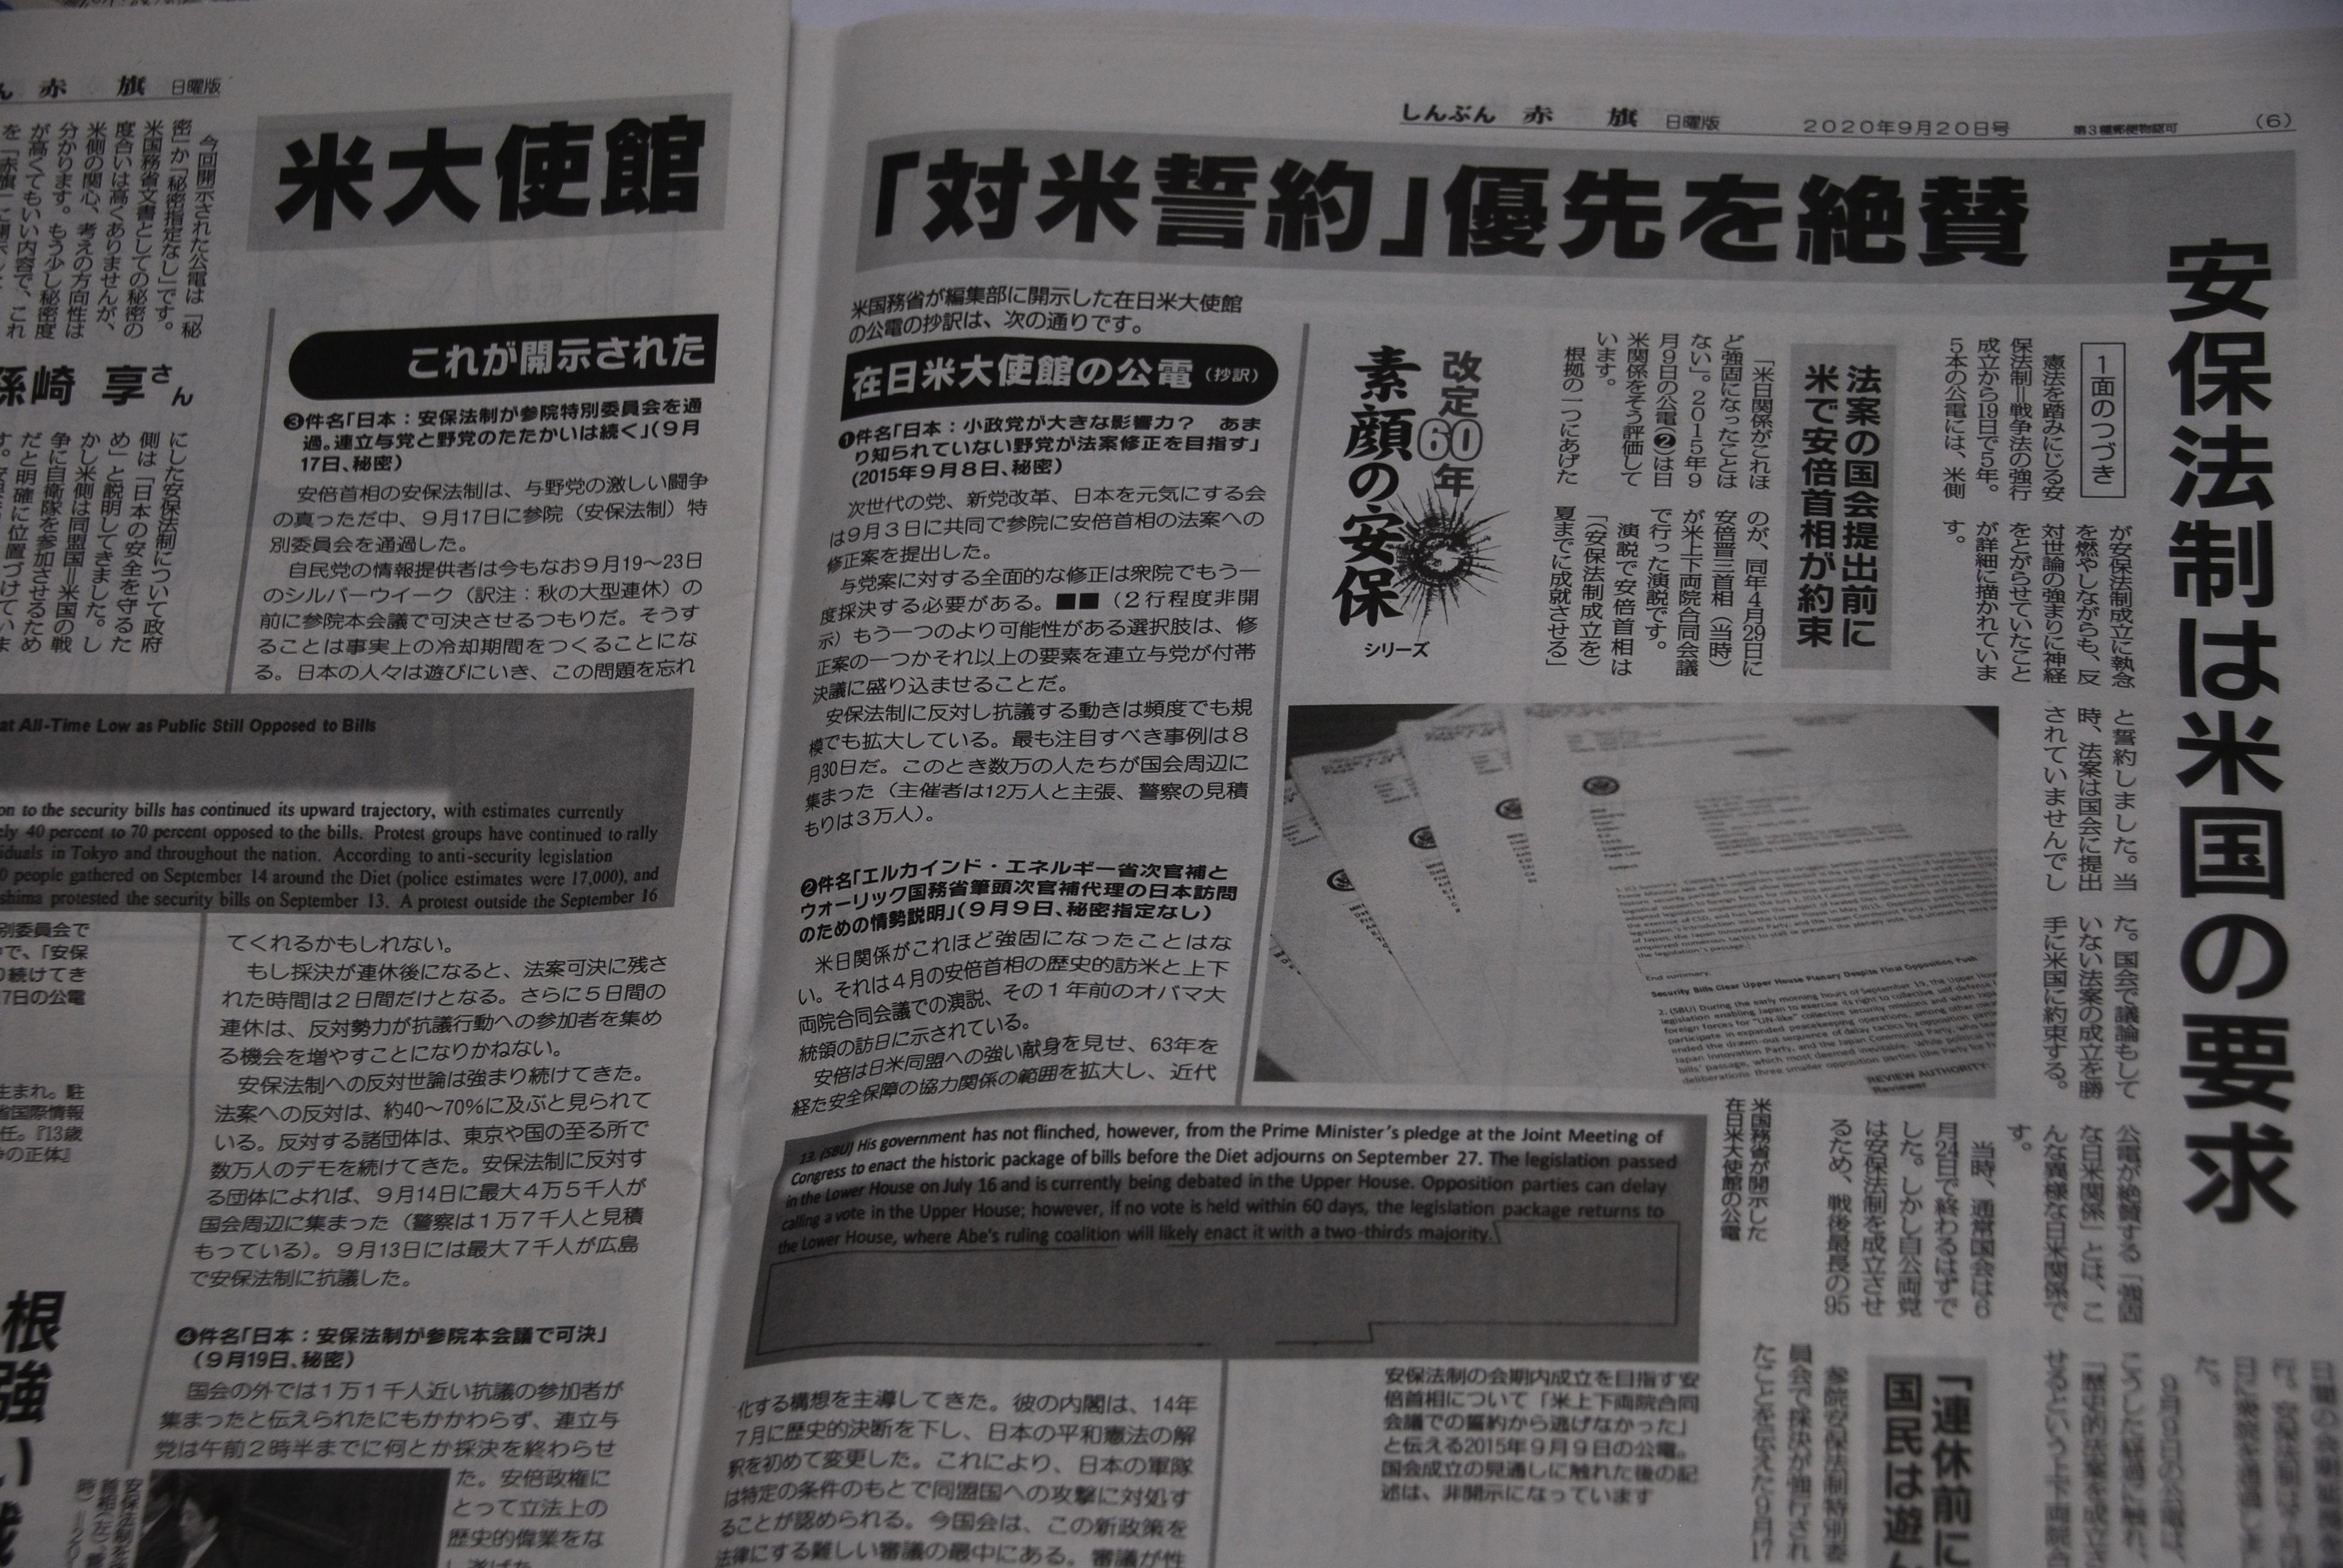 これは保存します。日本国民は怒り、米国公電は賛美する安保法制 ...